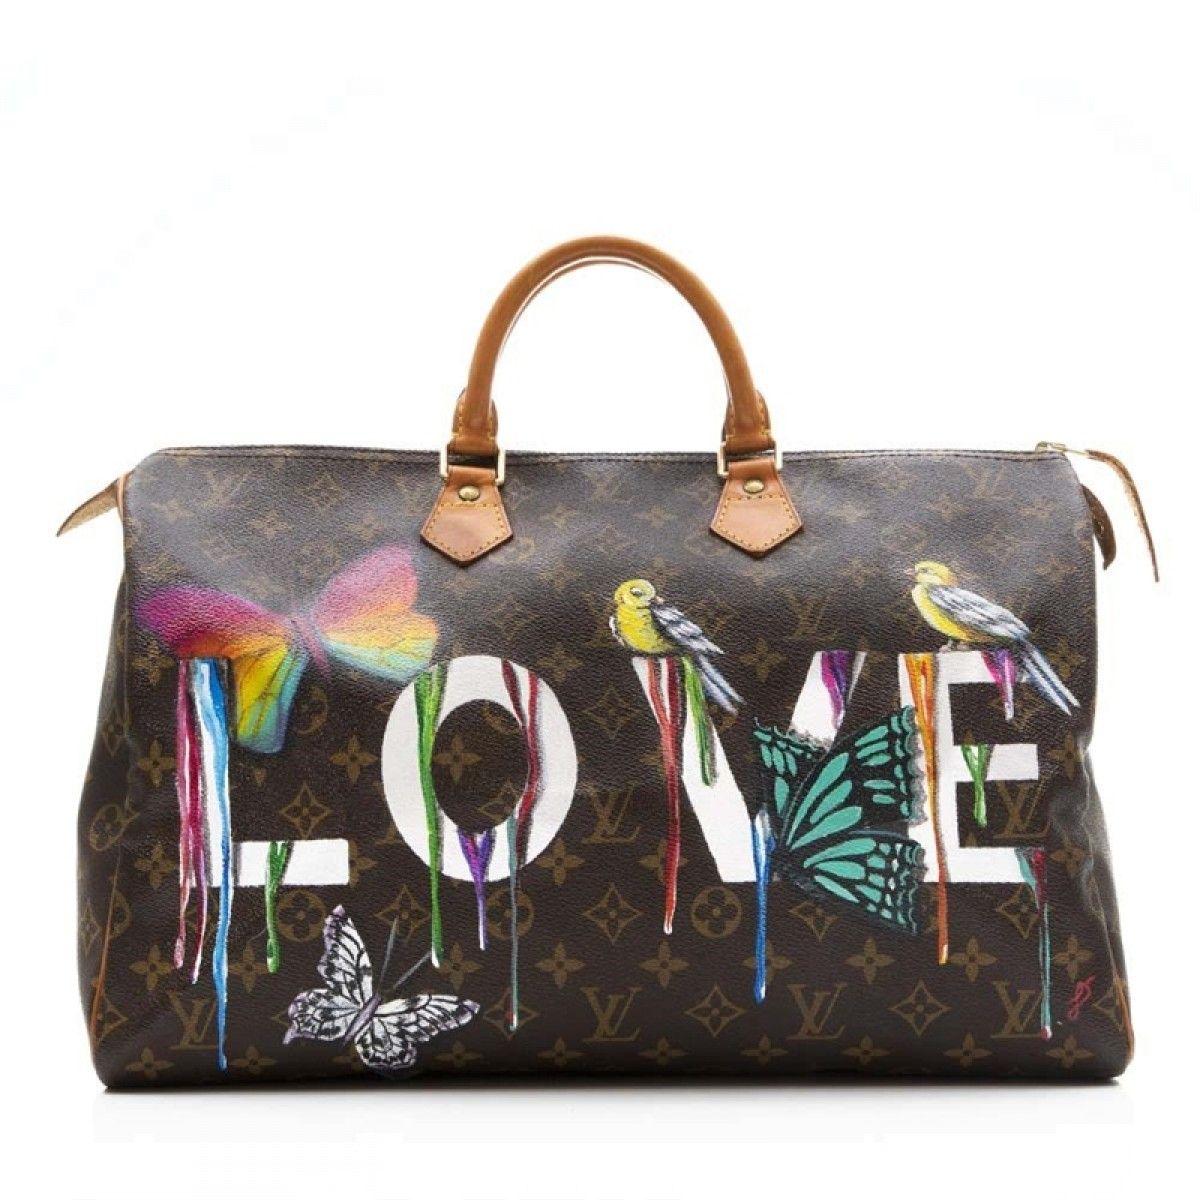 bd0e7ac91b20 Shop vintage designer dresses online now at Farfetch. Louis Vuitton Speedy  Bag